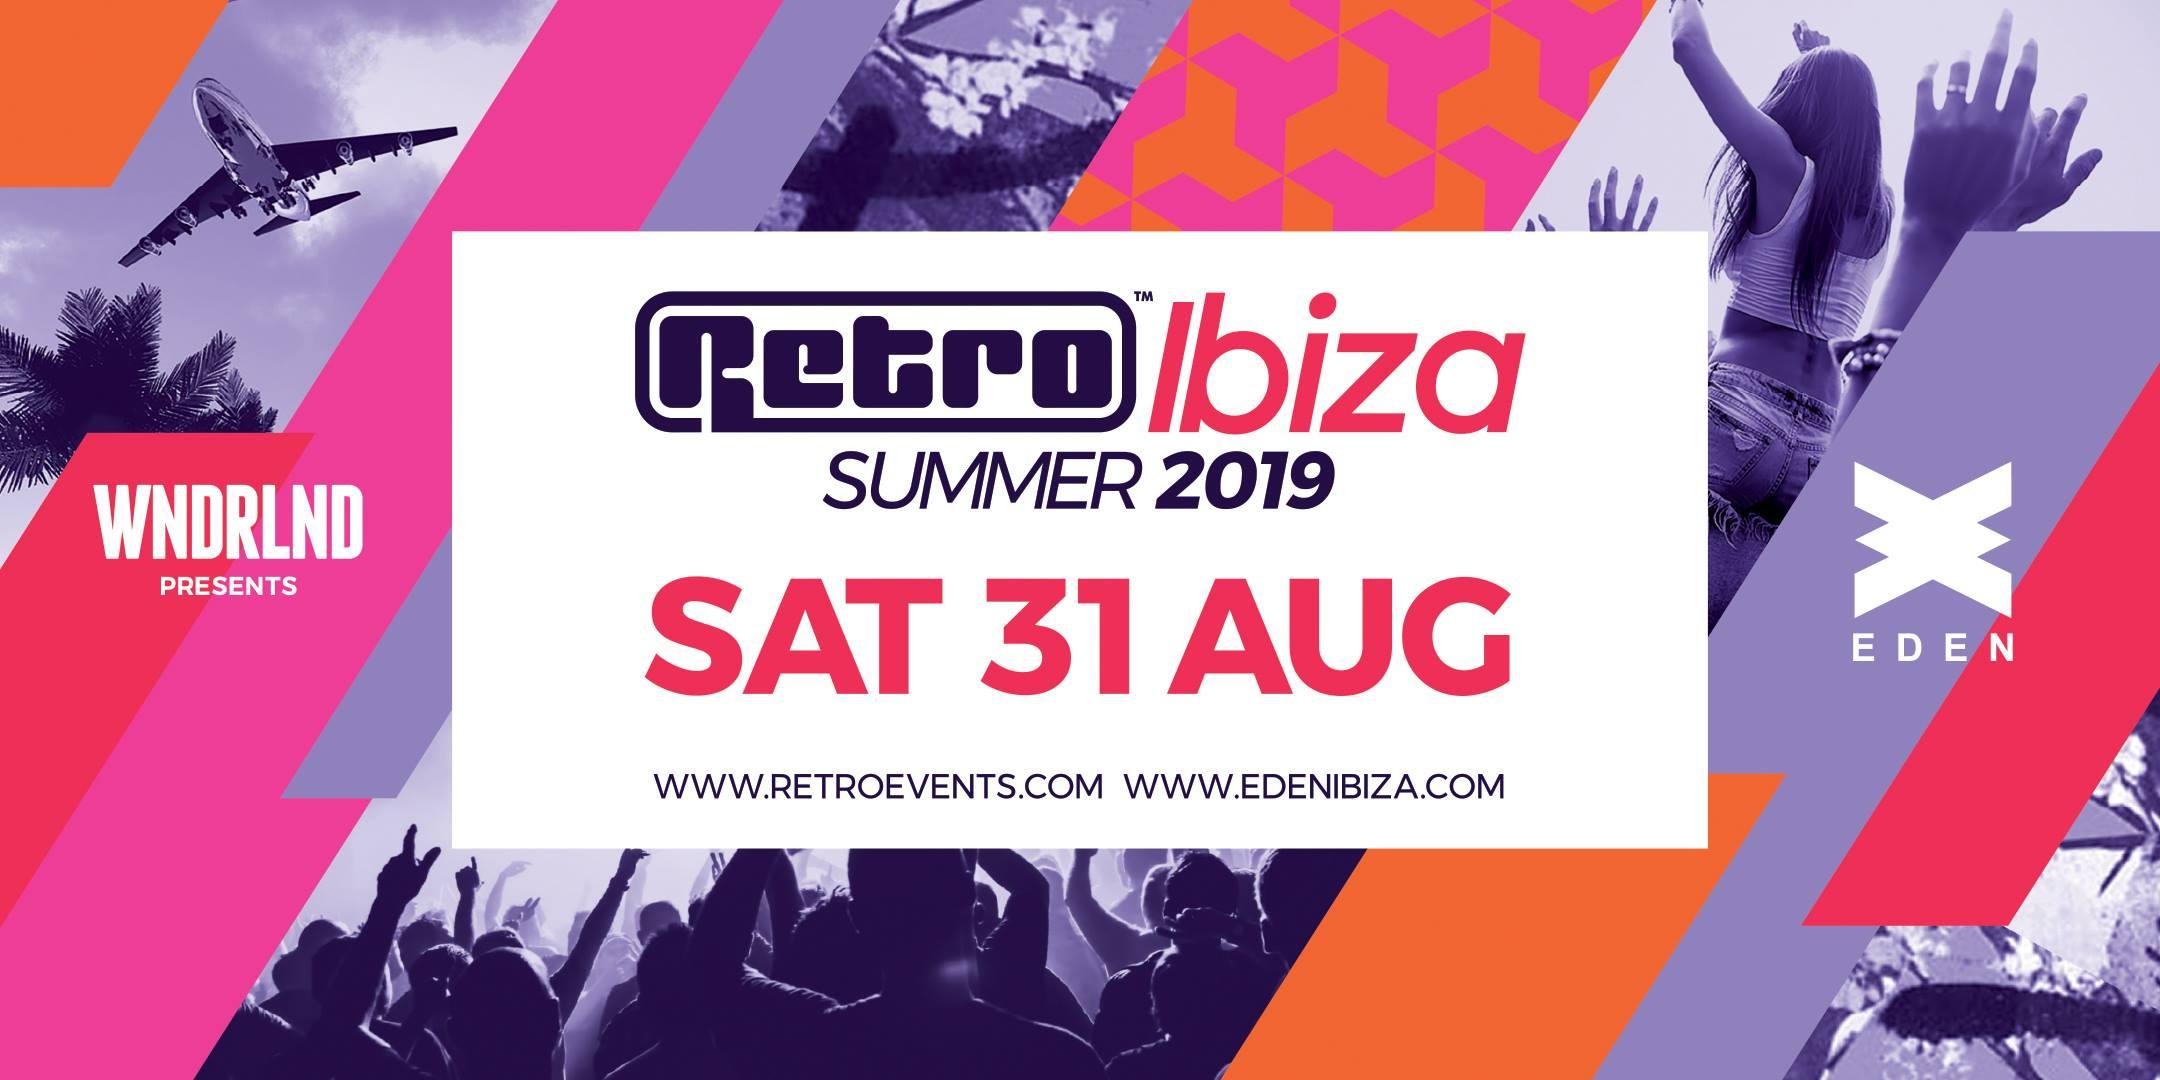 WNDRLND presents Retro at Eden, Ibiza, part 3